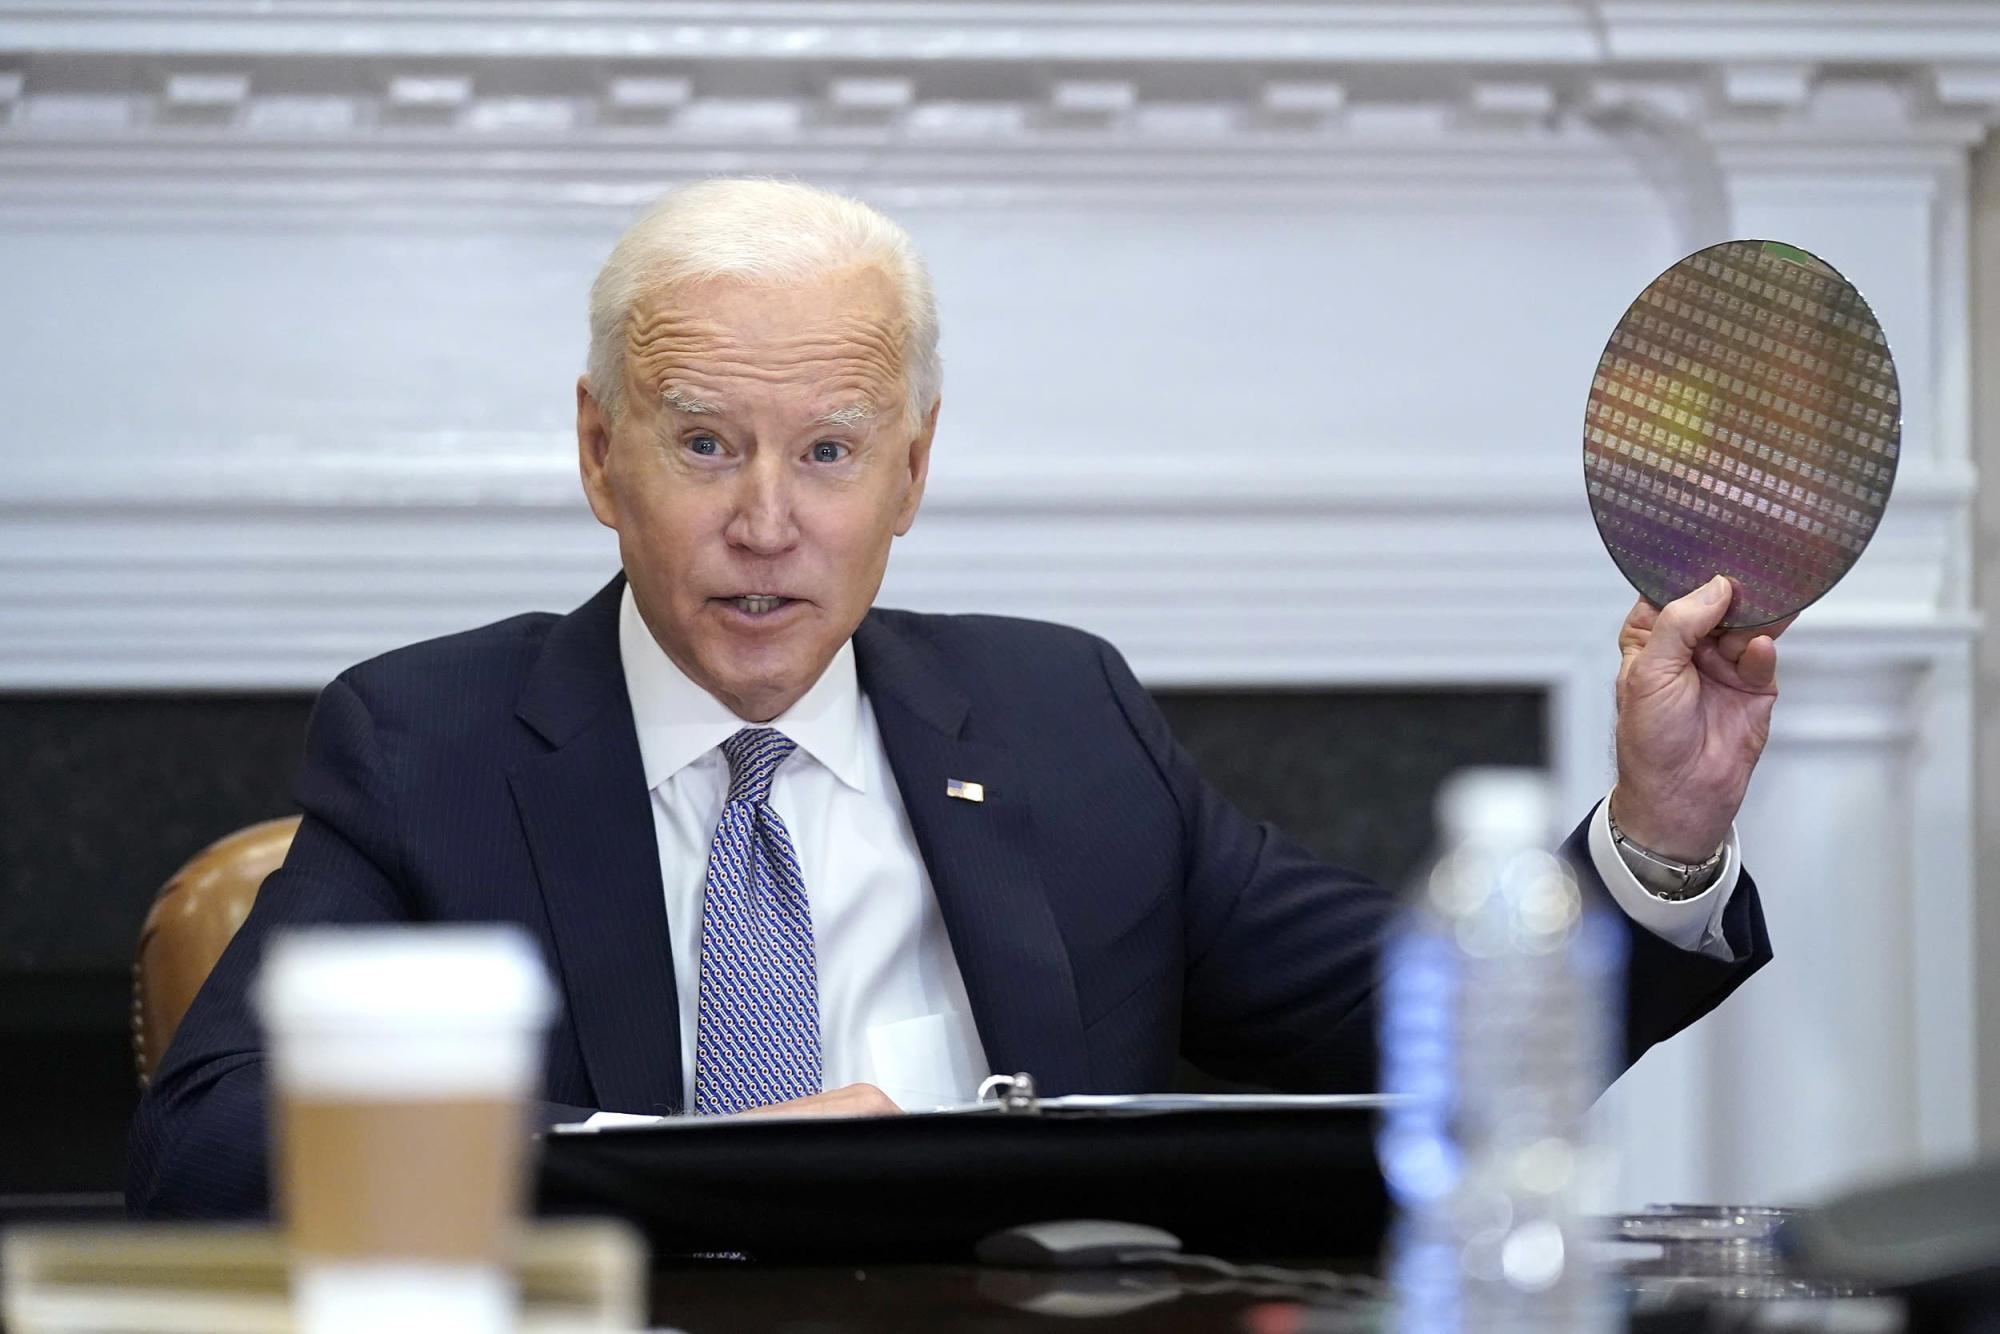 Cuộc họp của ông Biden diễn ra trong bối cảnh tình trạng thiếu chip toàn cầu tiếp tục ảnh hưởng đến nhiều ngành công nghiệp. Ảnh: Yahoo News